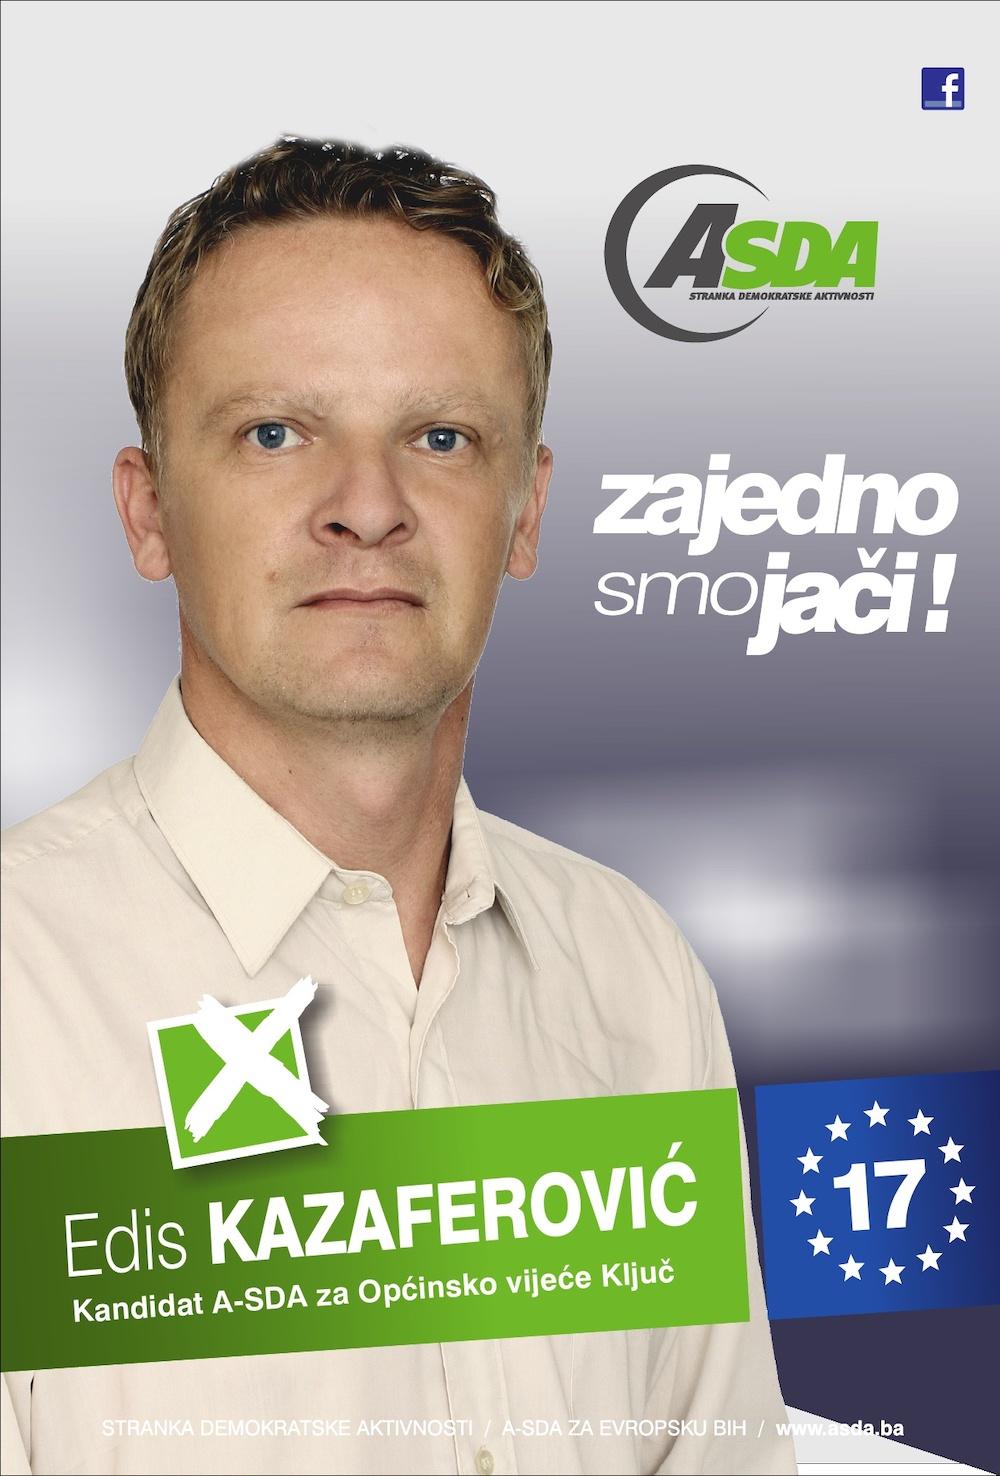 Rođen 12.02.1979. godine u Banja Luci. Po zanimanju je saobraćajni tehničar, vozač motornih vozila i rukovalac teške mehanizacije. Posjeduje radno iskustvo na poslovima struke od 17 godina. Oženjen, otac jednog […]